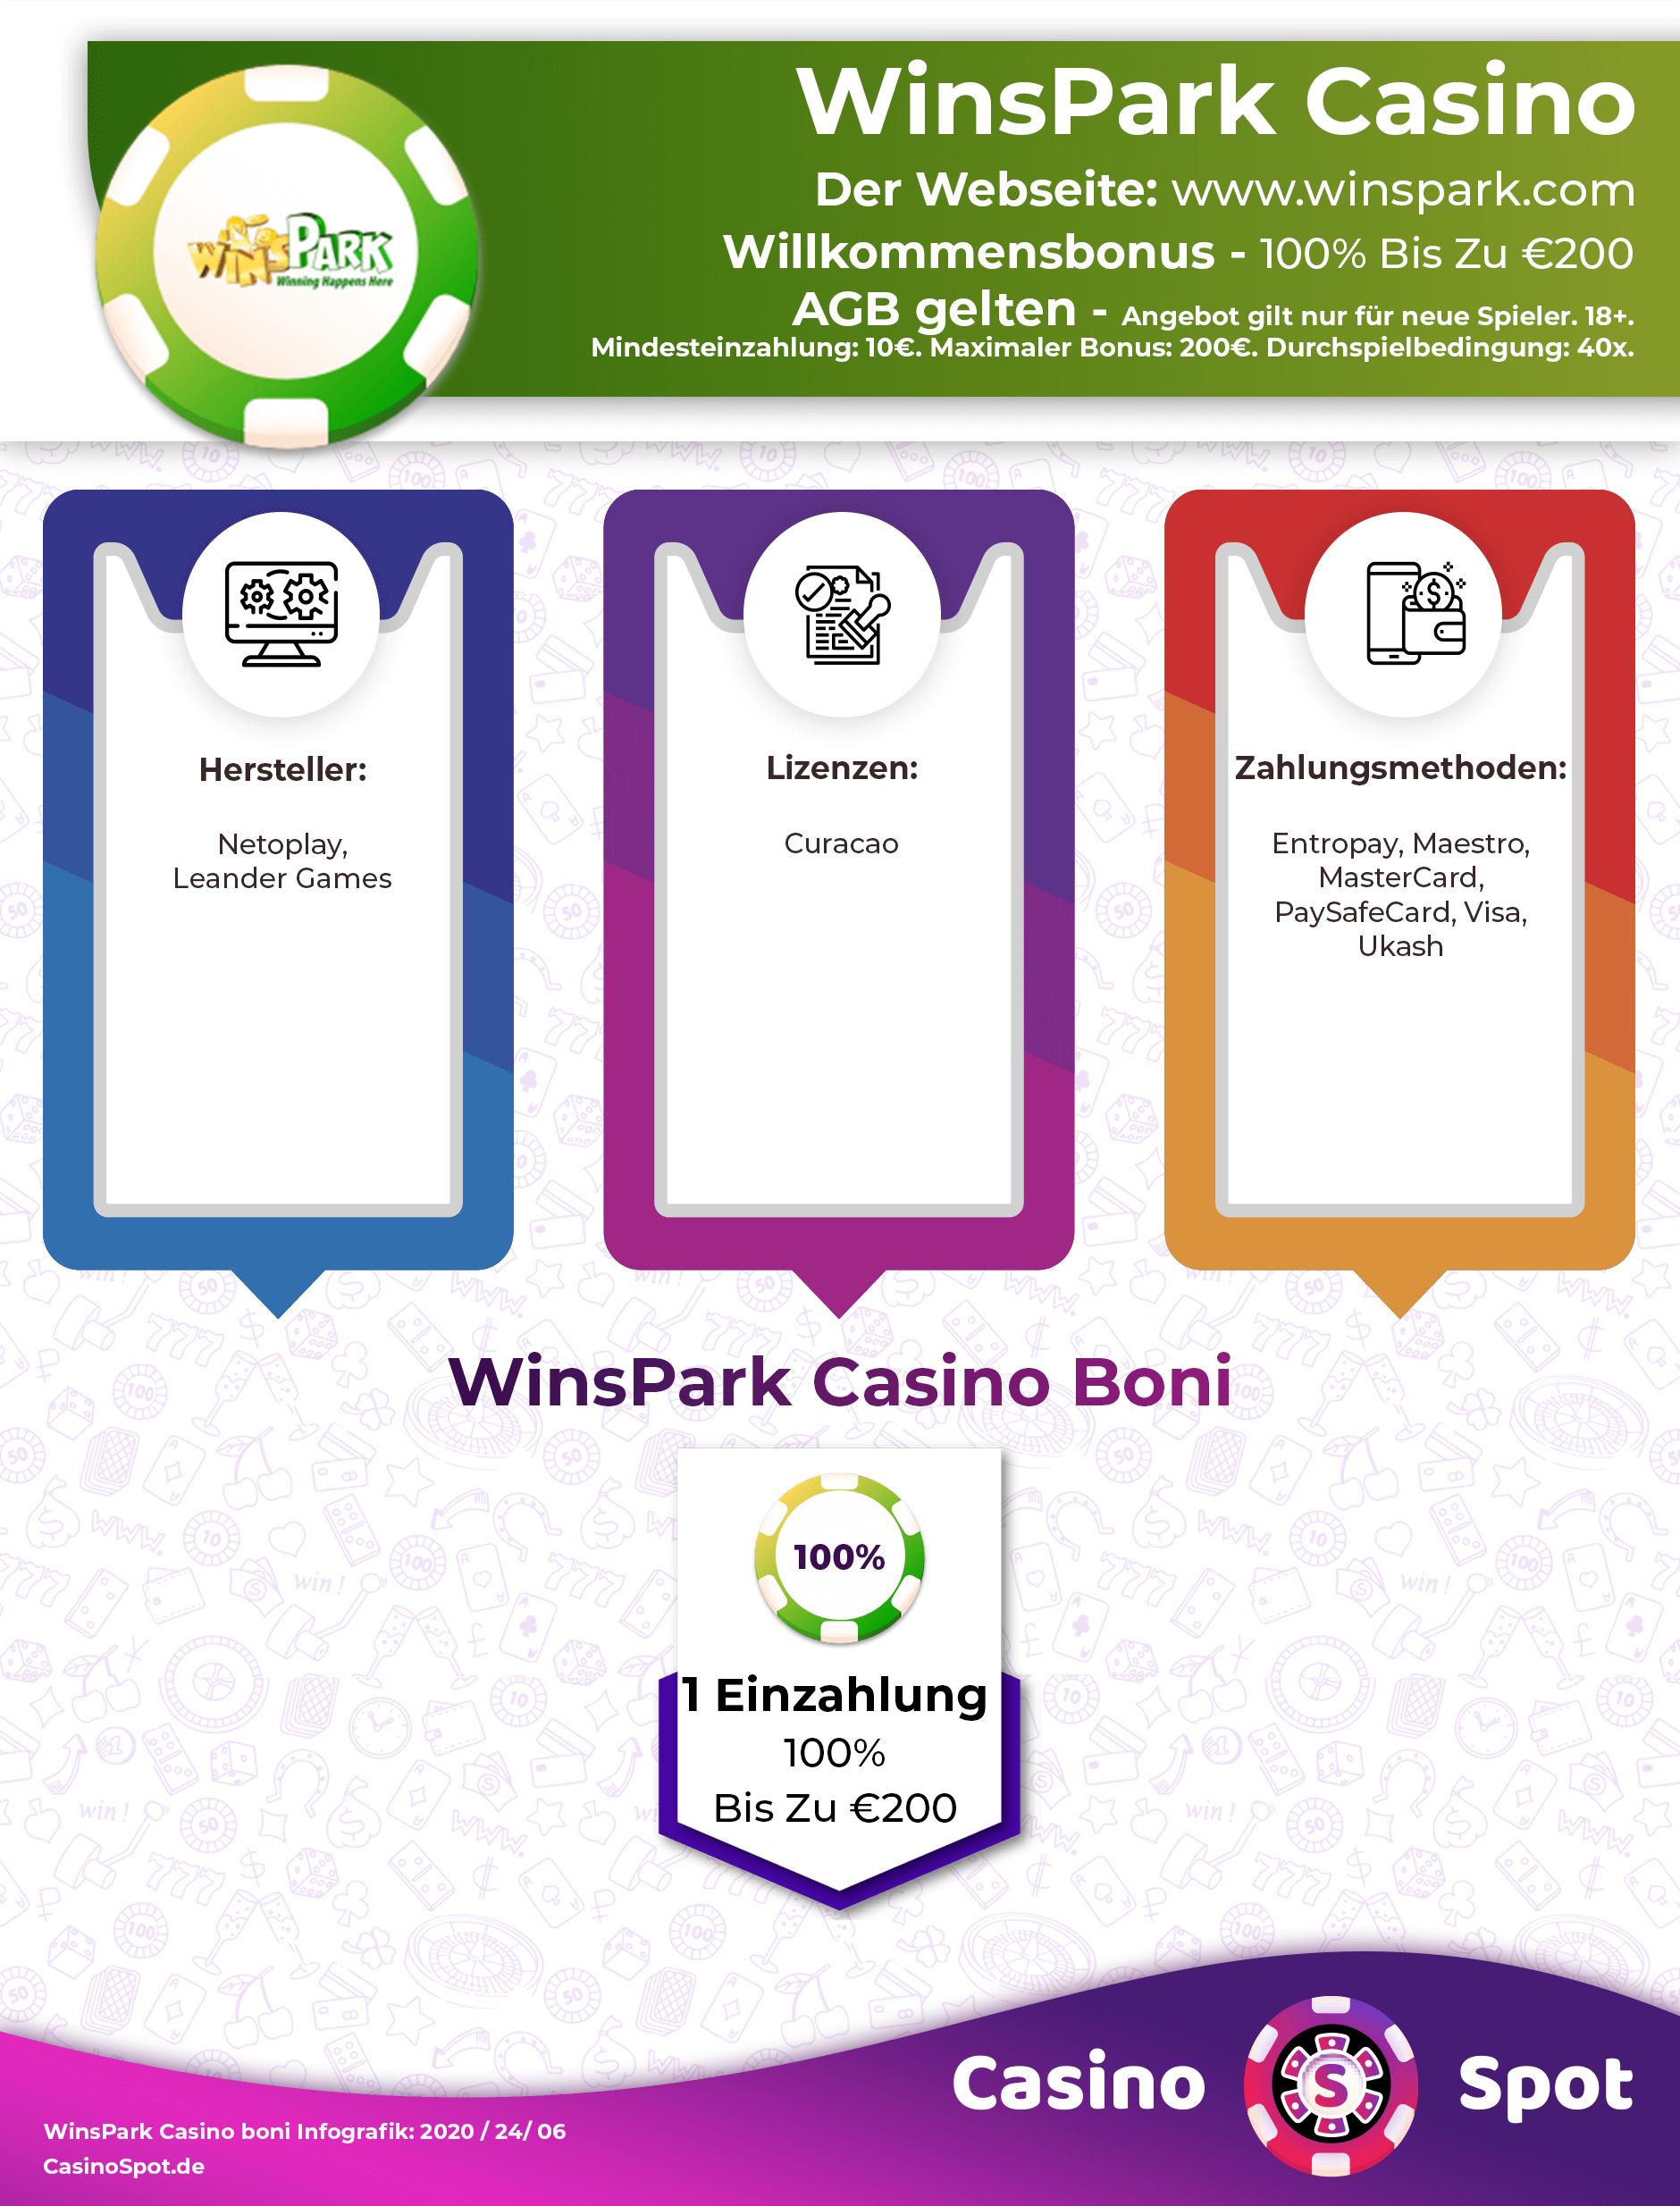 WinsPark Casino Bonus Codes 2021